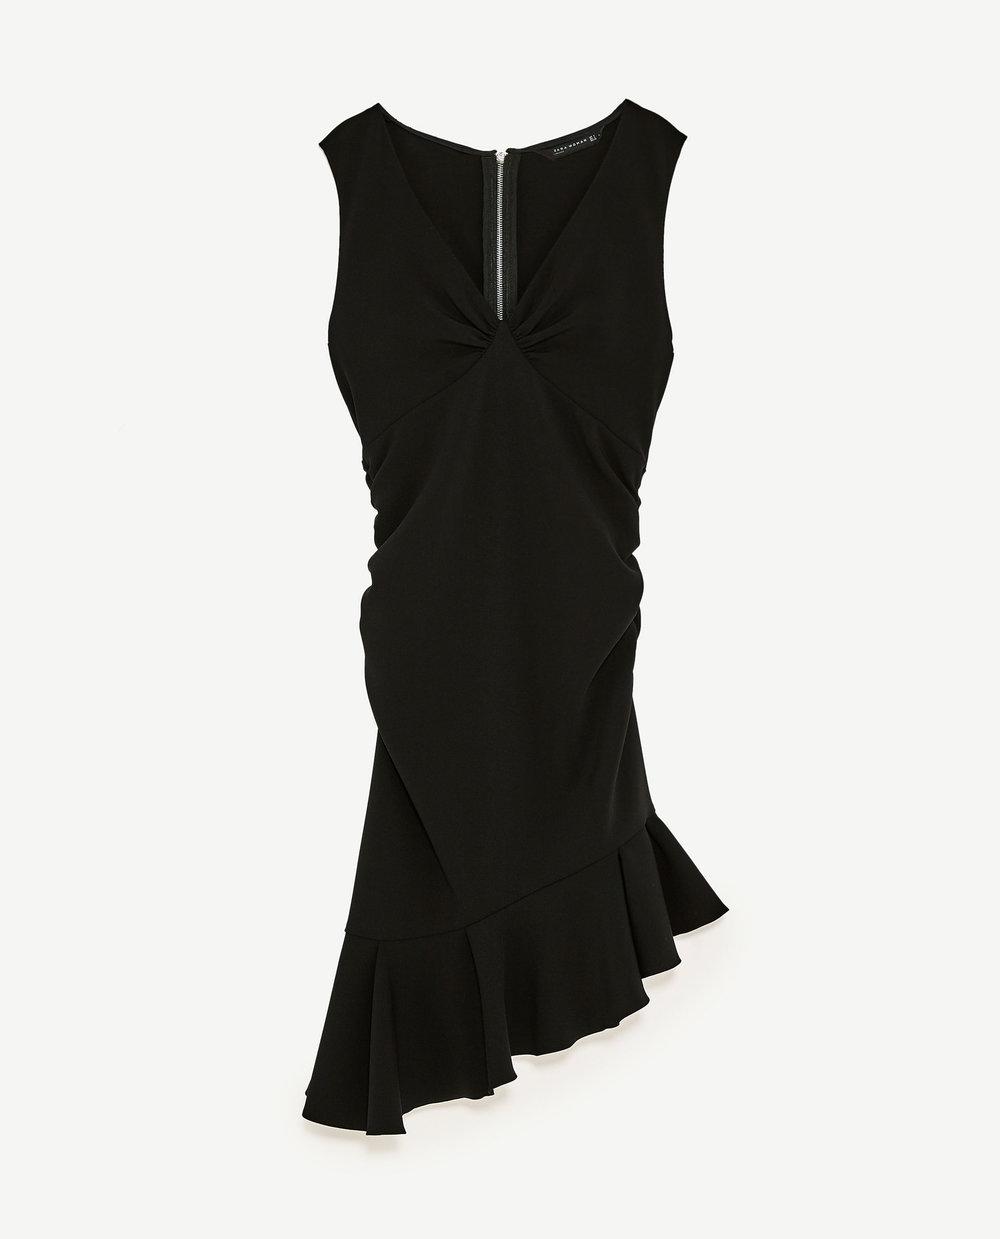 Vestido tubo com folhos, 39,95€